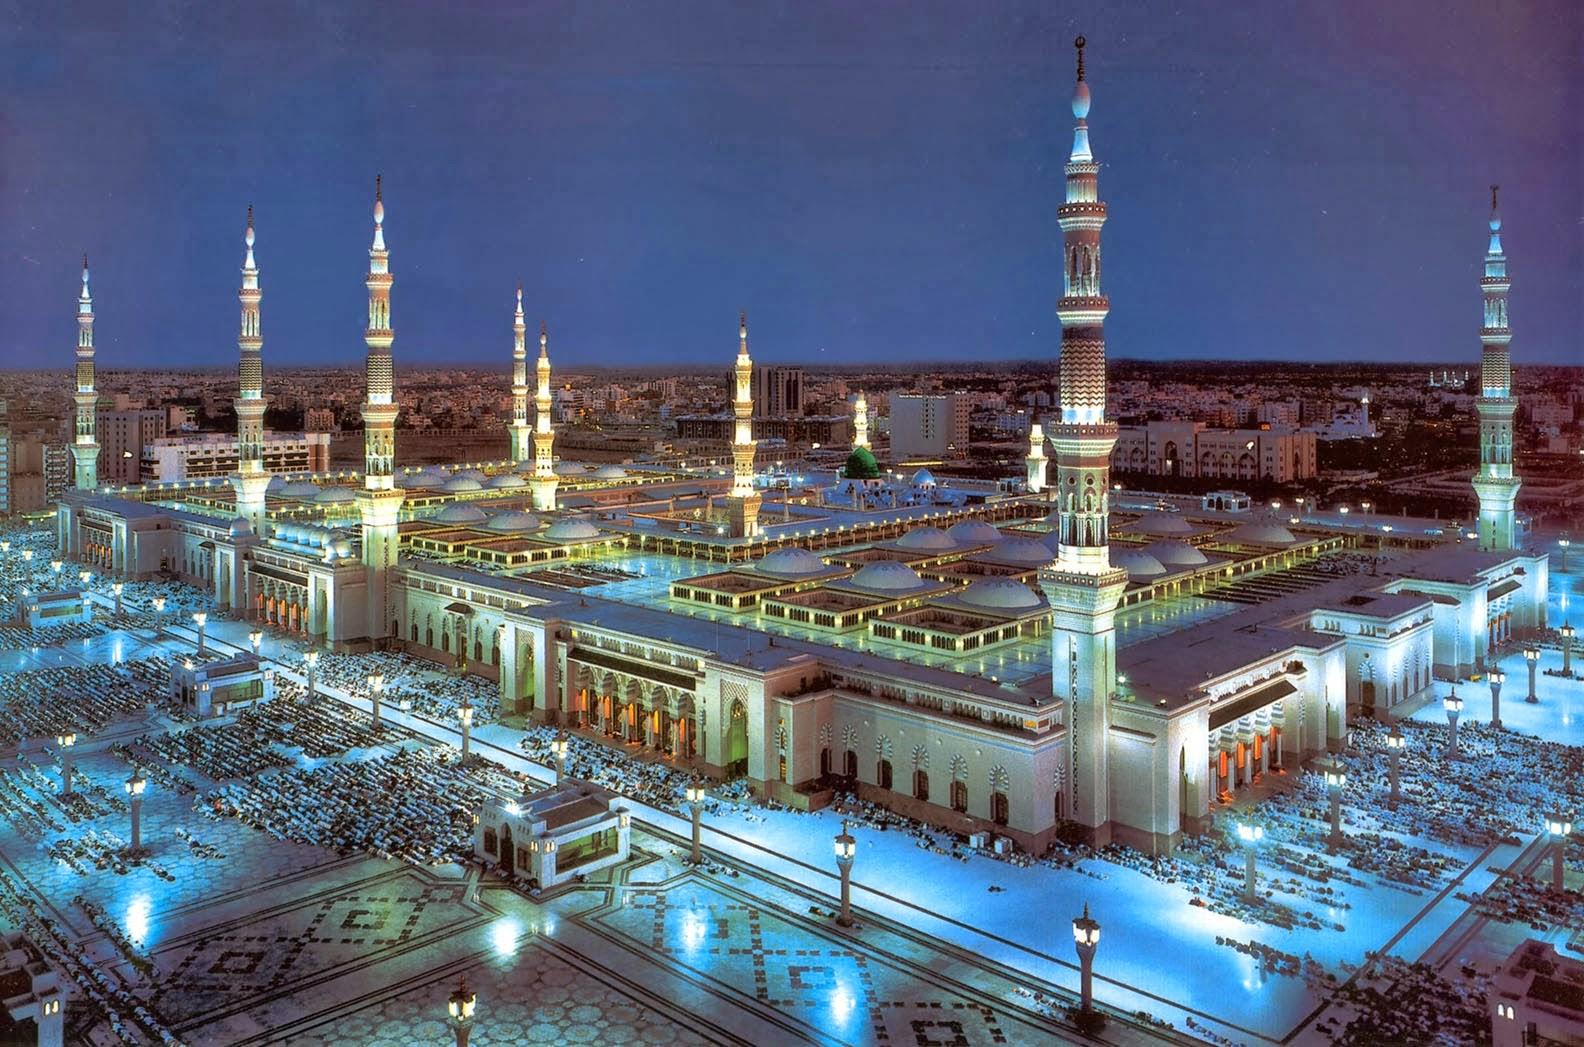 Meisterwerke der islamischen Architektur – 50 Moscheen